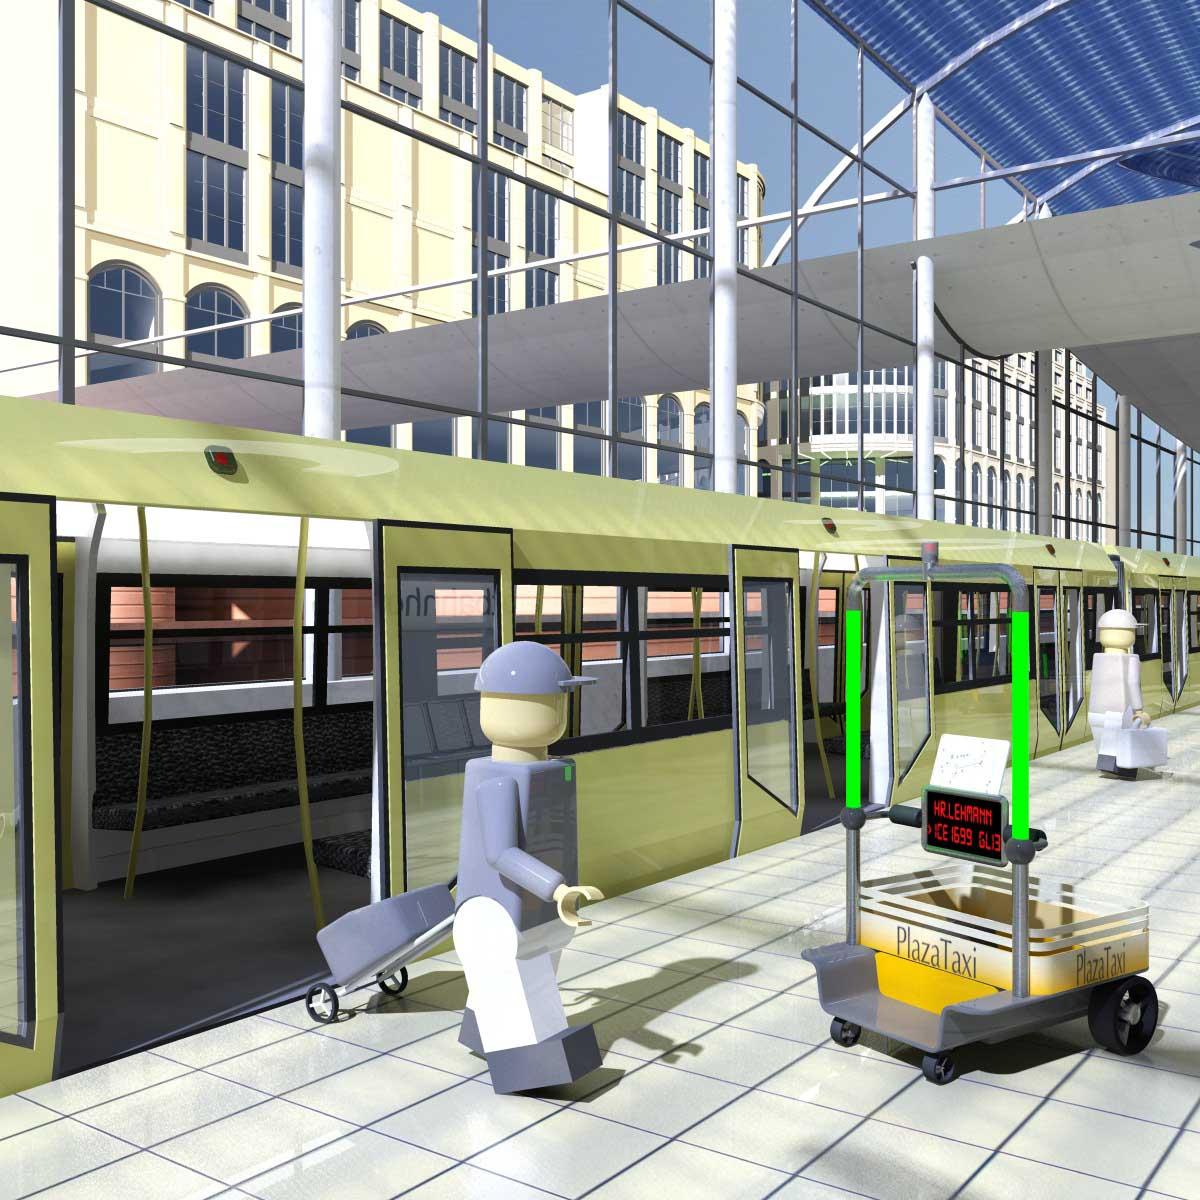 Autonome Transportroboter erleichtern die Mikromobilität.